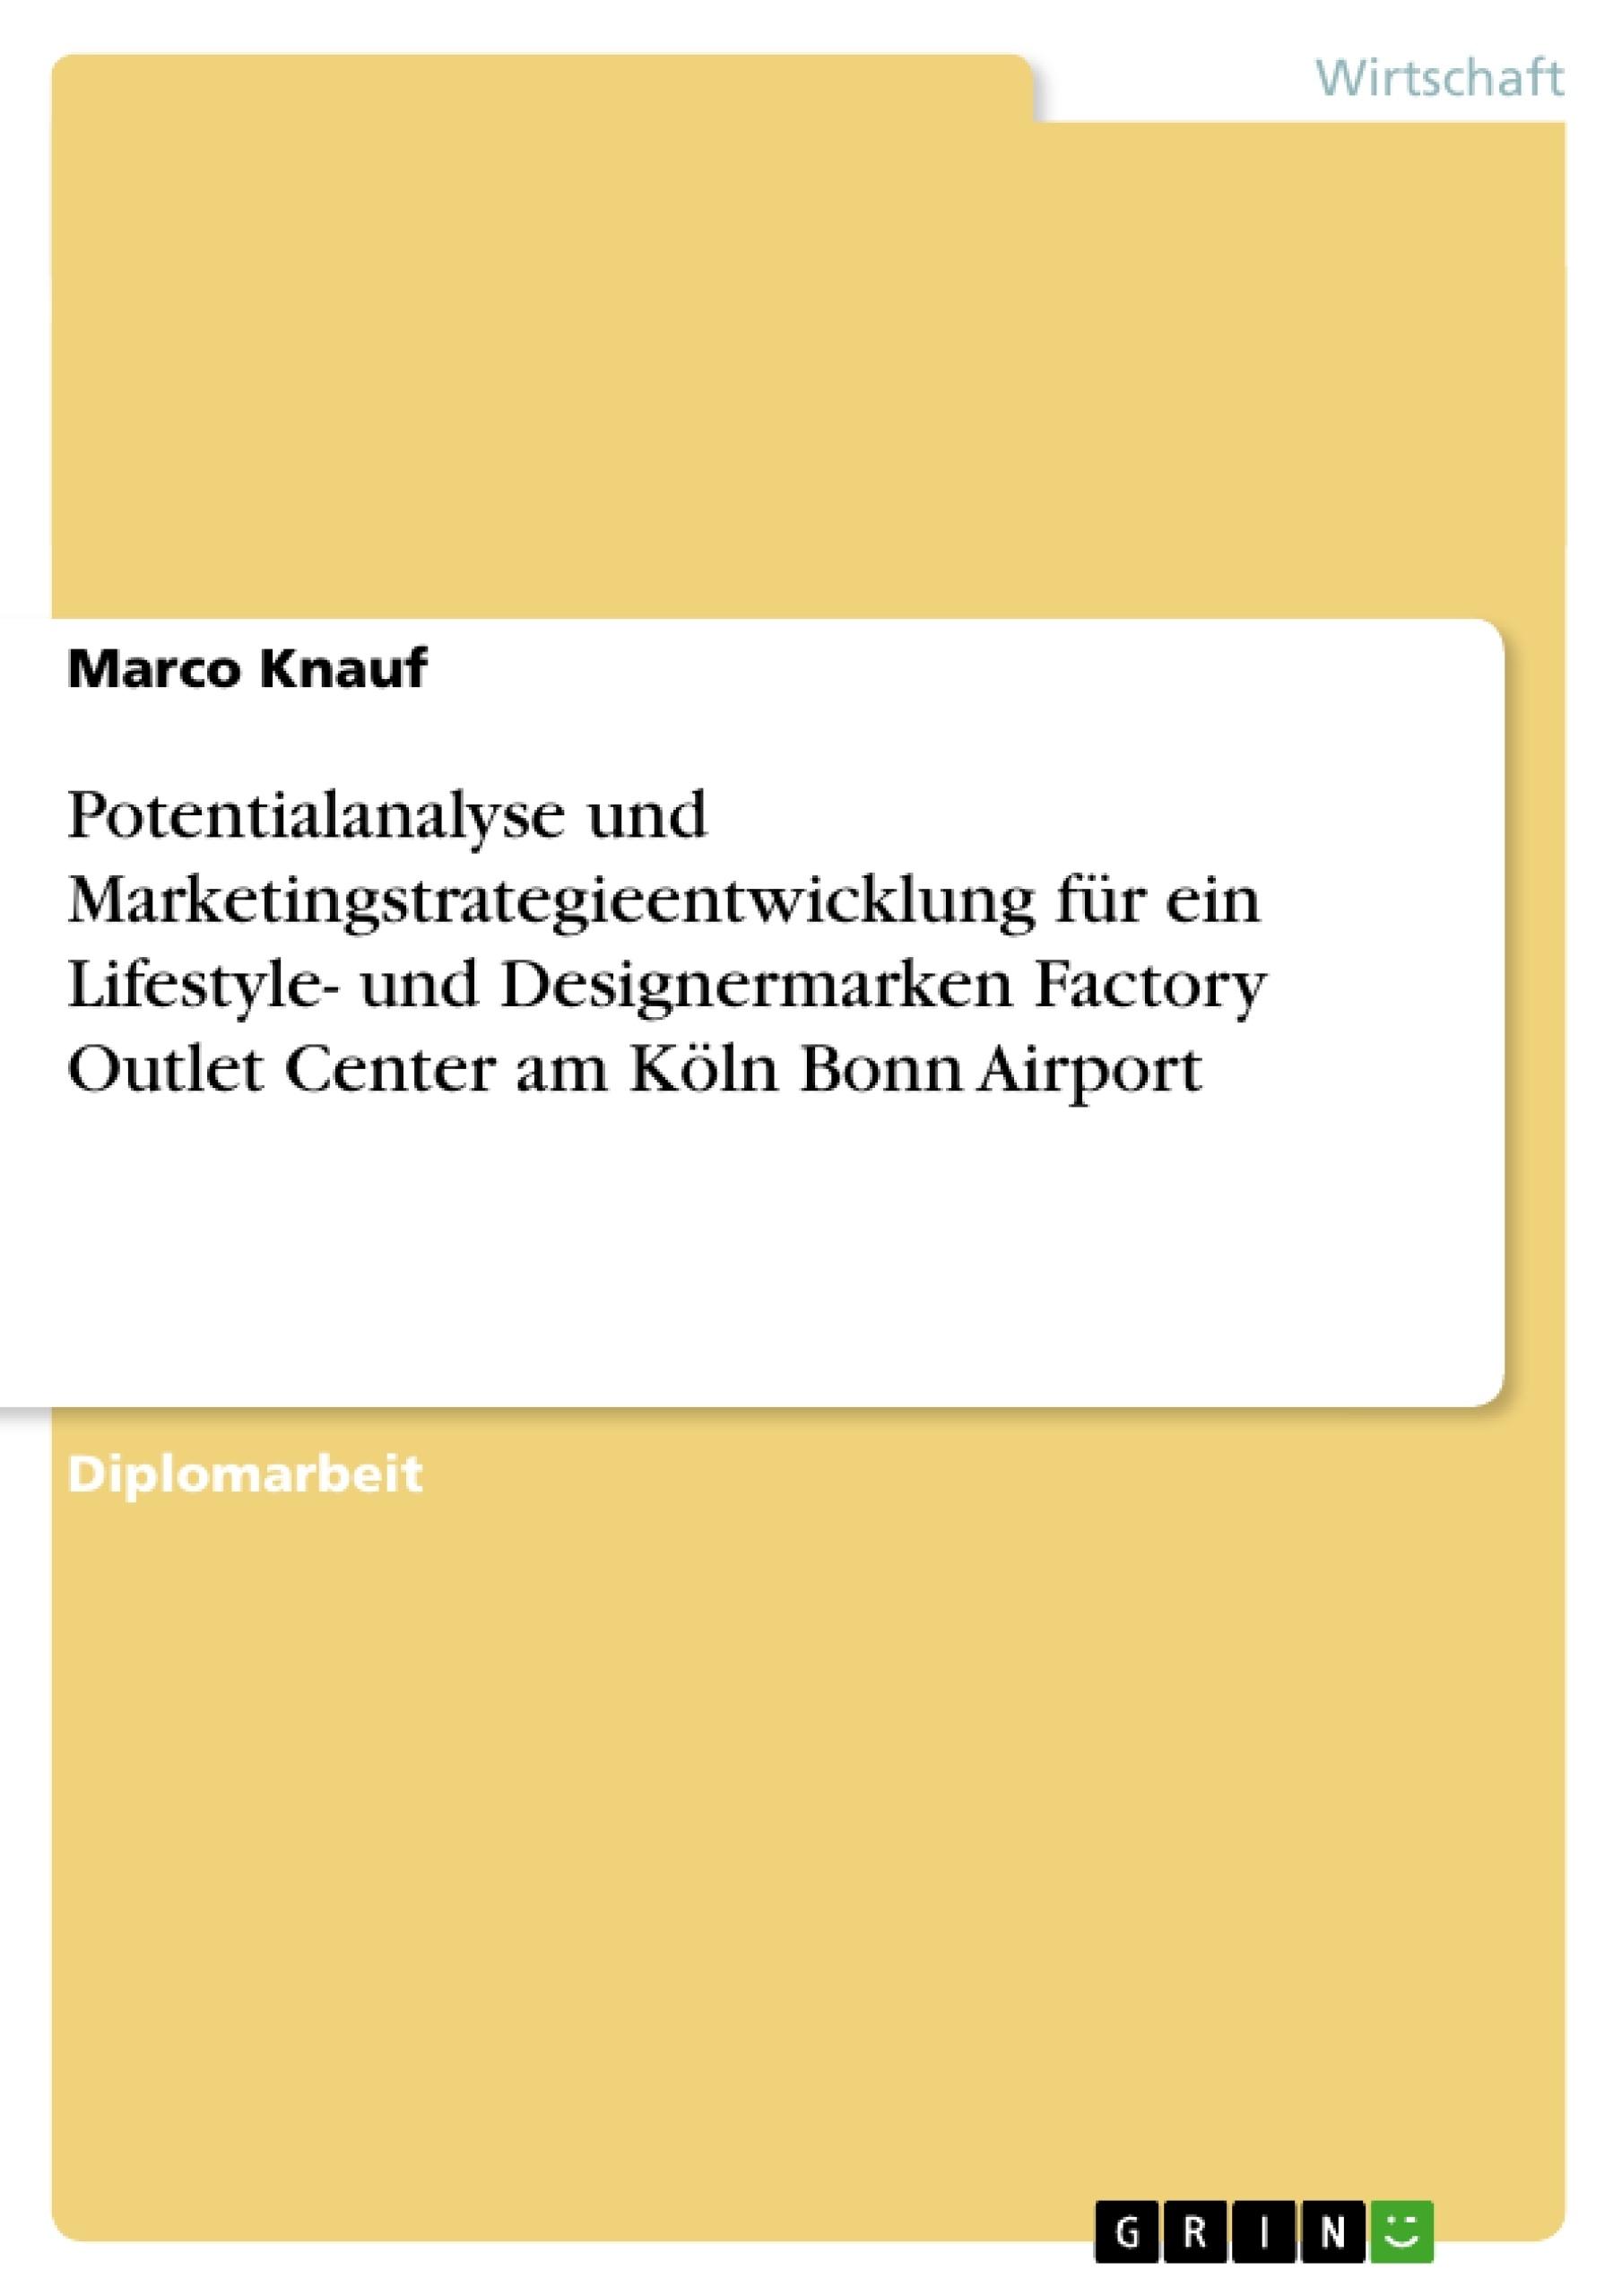 Titel: Potentialanalyse und Marketingstrategieentwicklung für ein Lifestyle- und Designermarken Factory Outlet Center am Köln Bonn Airport